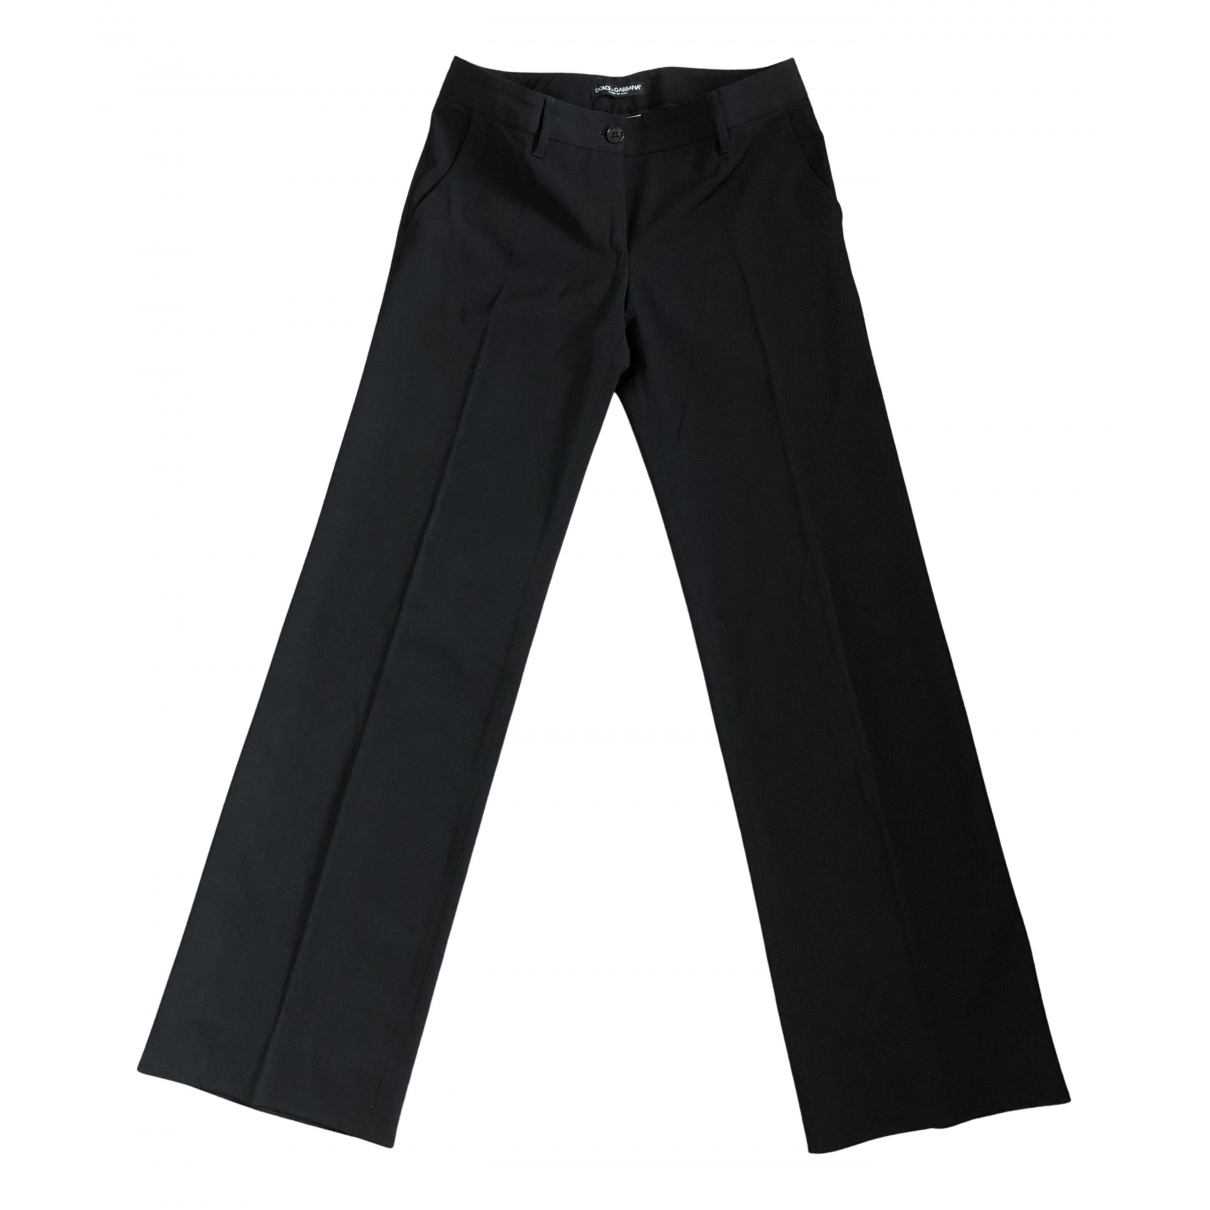 Pantalon largo de Lana Dolce & Gabbana